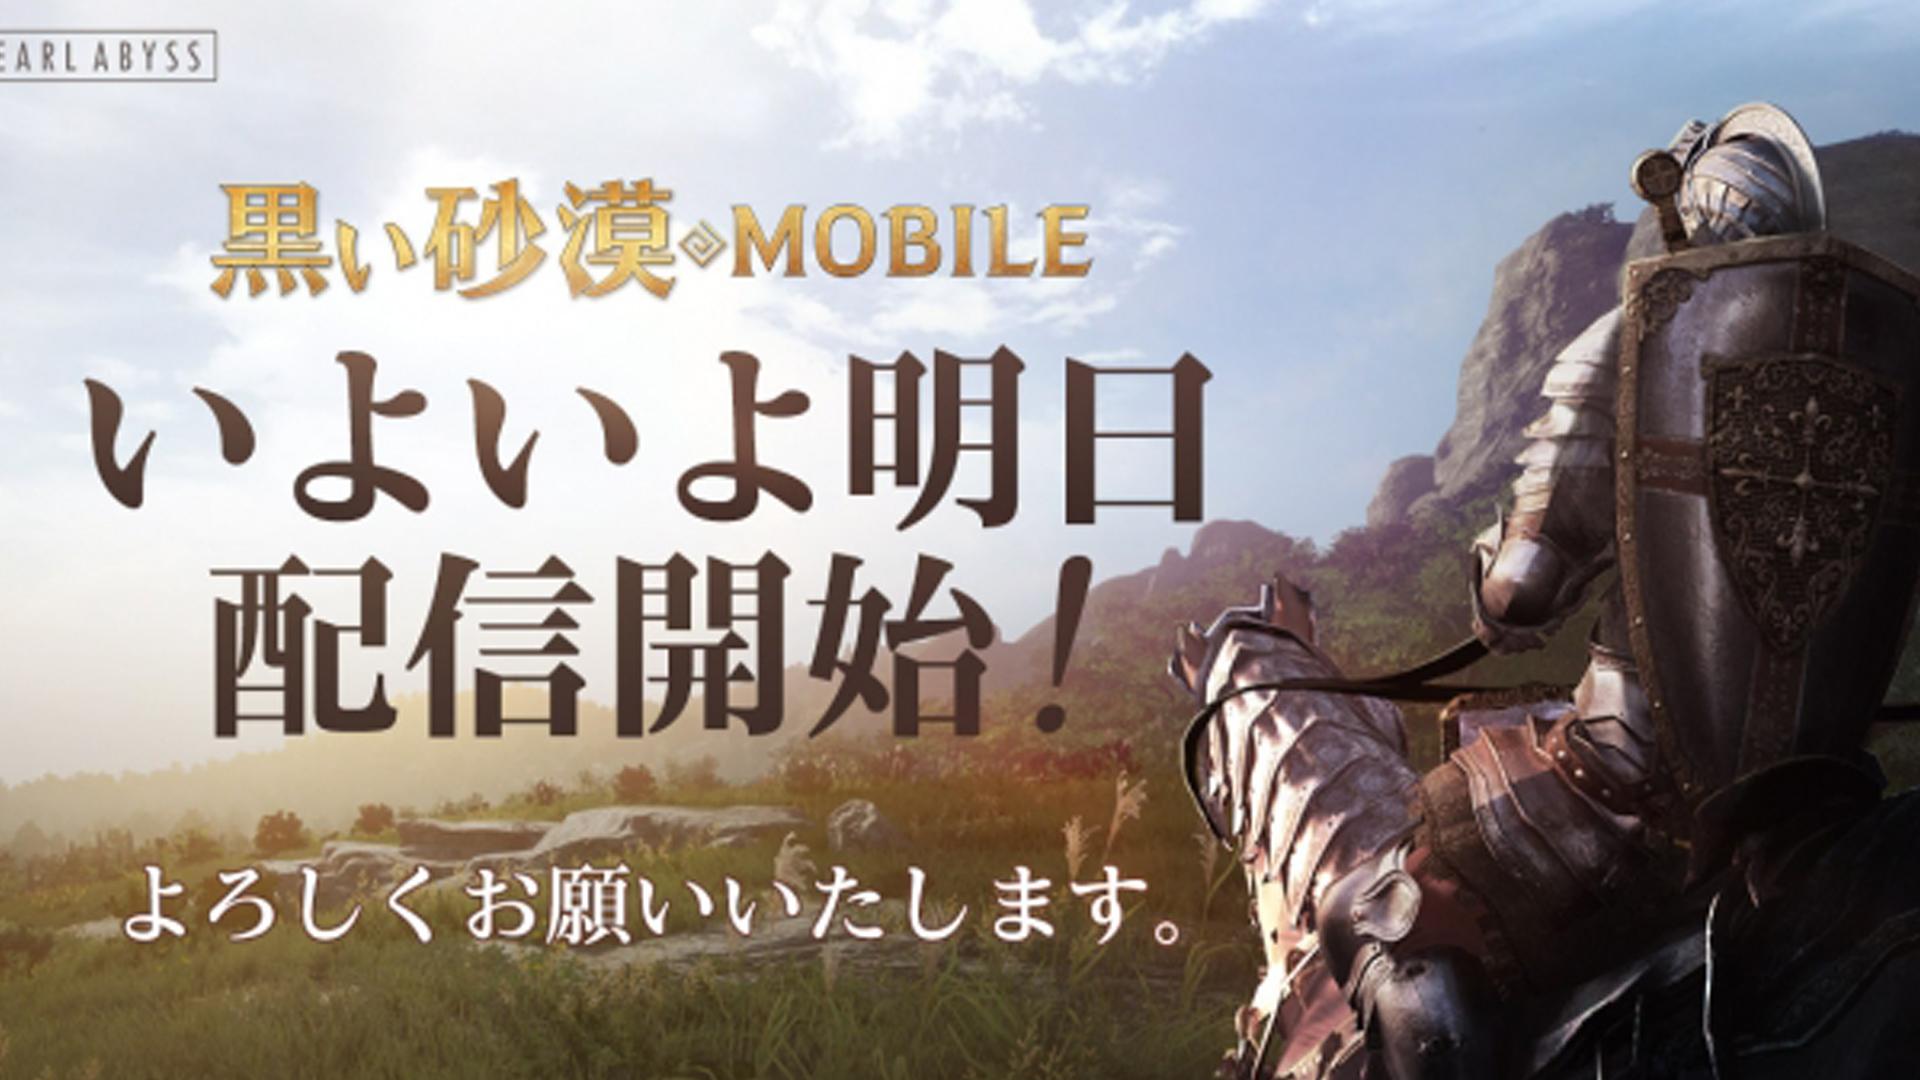 【次世代RPG『黒い砂漠モバイル』正式サービス開始】他、新着トレンド2月26日